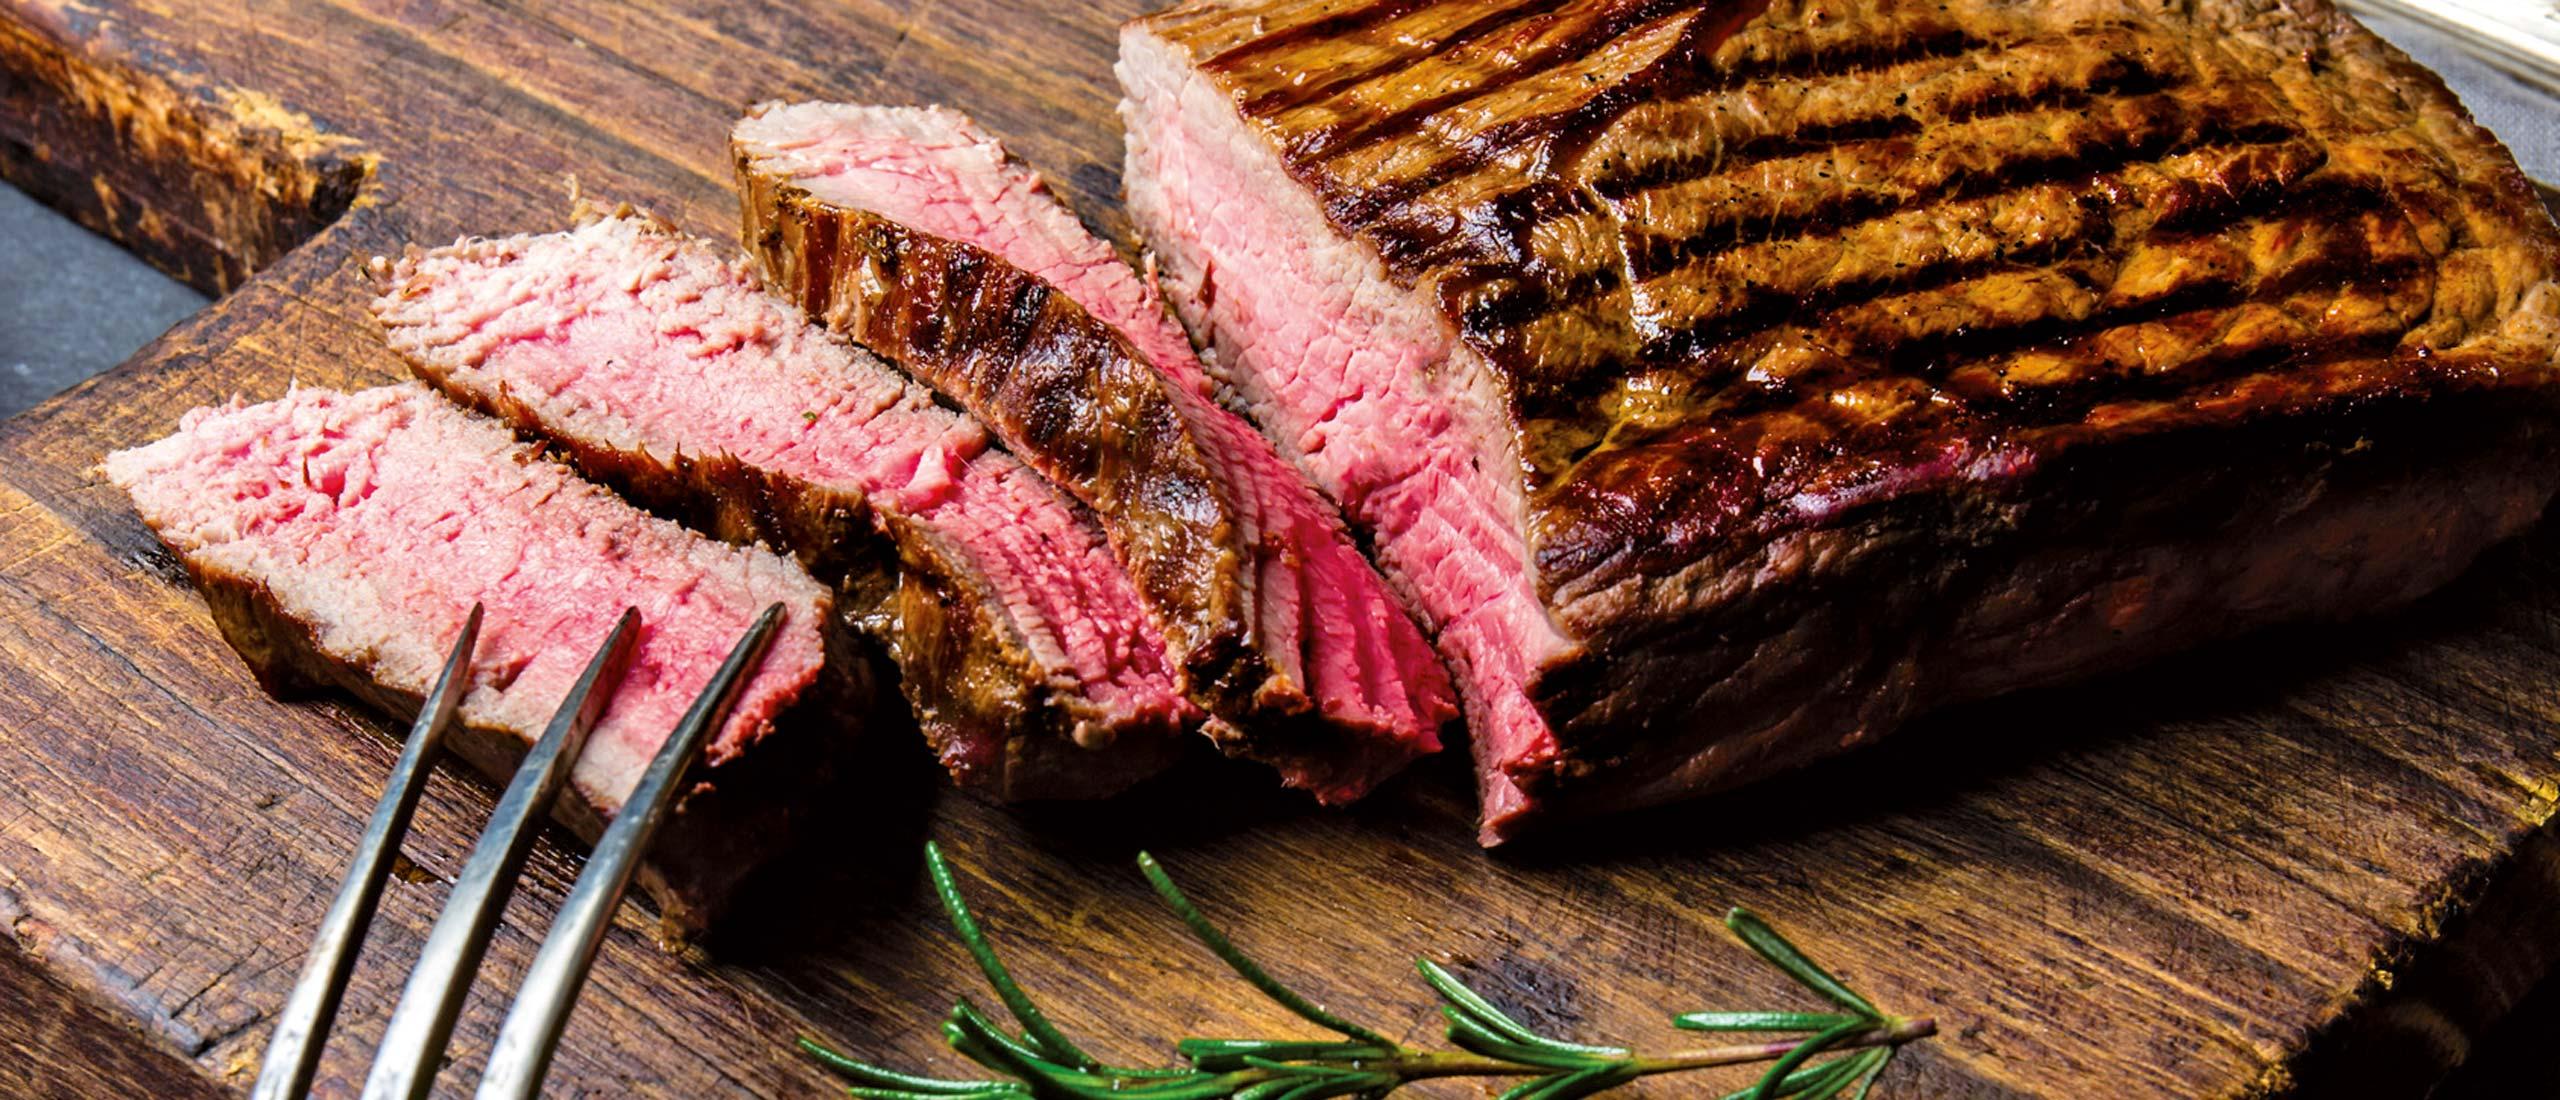 Steak aufgeschnitten auf Holzbrett - Fleischerei Nolzen